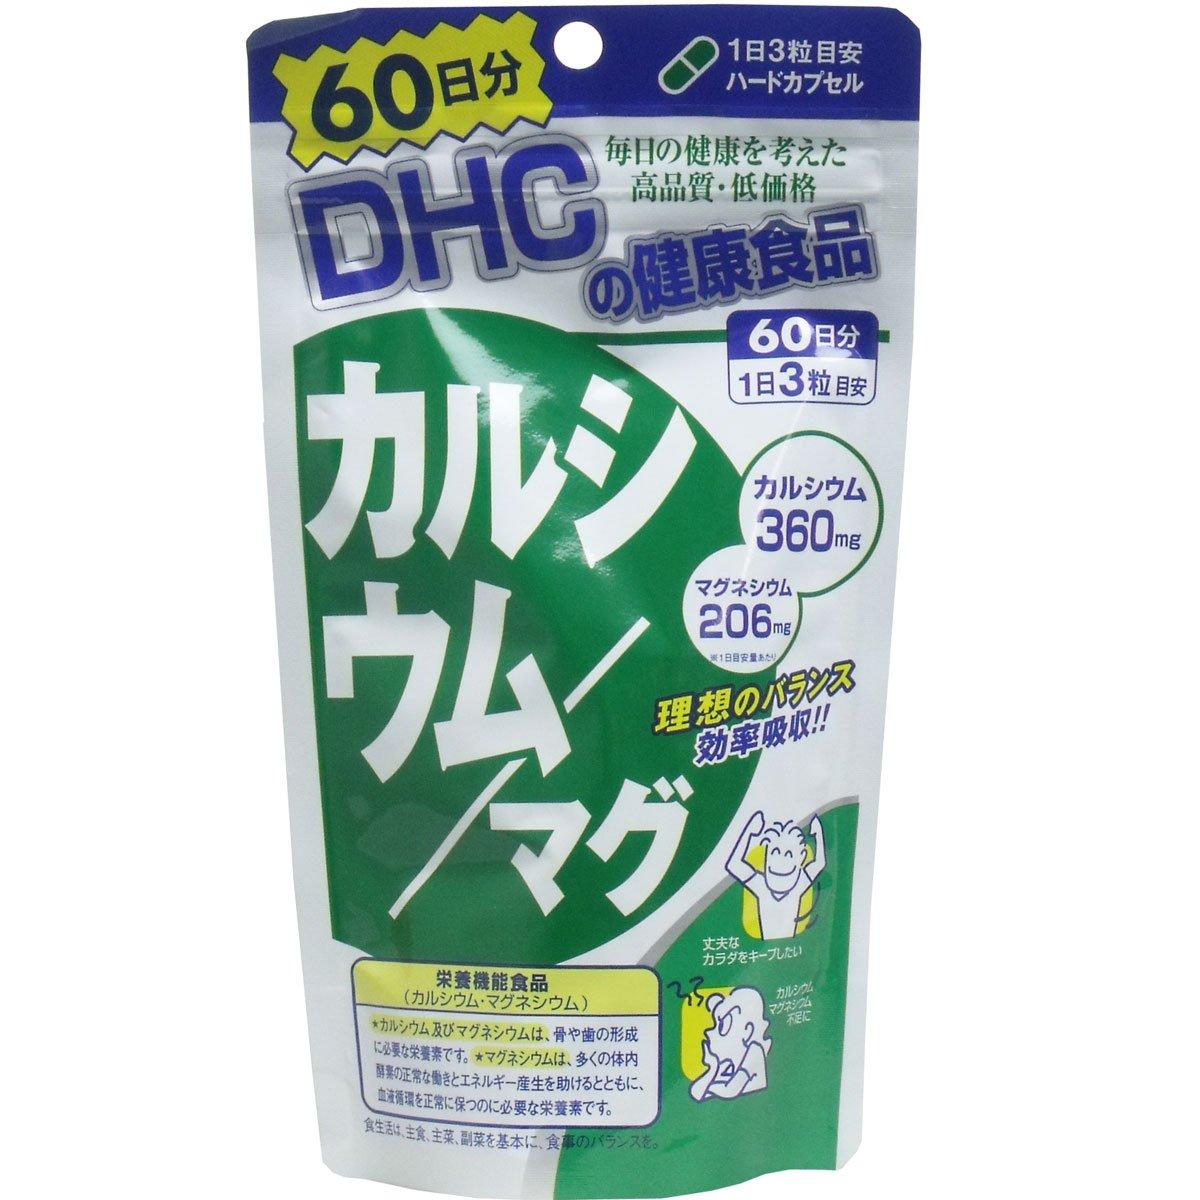 【お徳用 8 セット】 DHC カルシウム/マグ 60日分 180粒×8セット B0744MZFB9